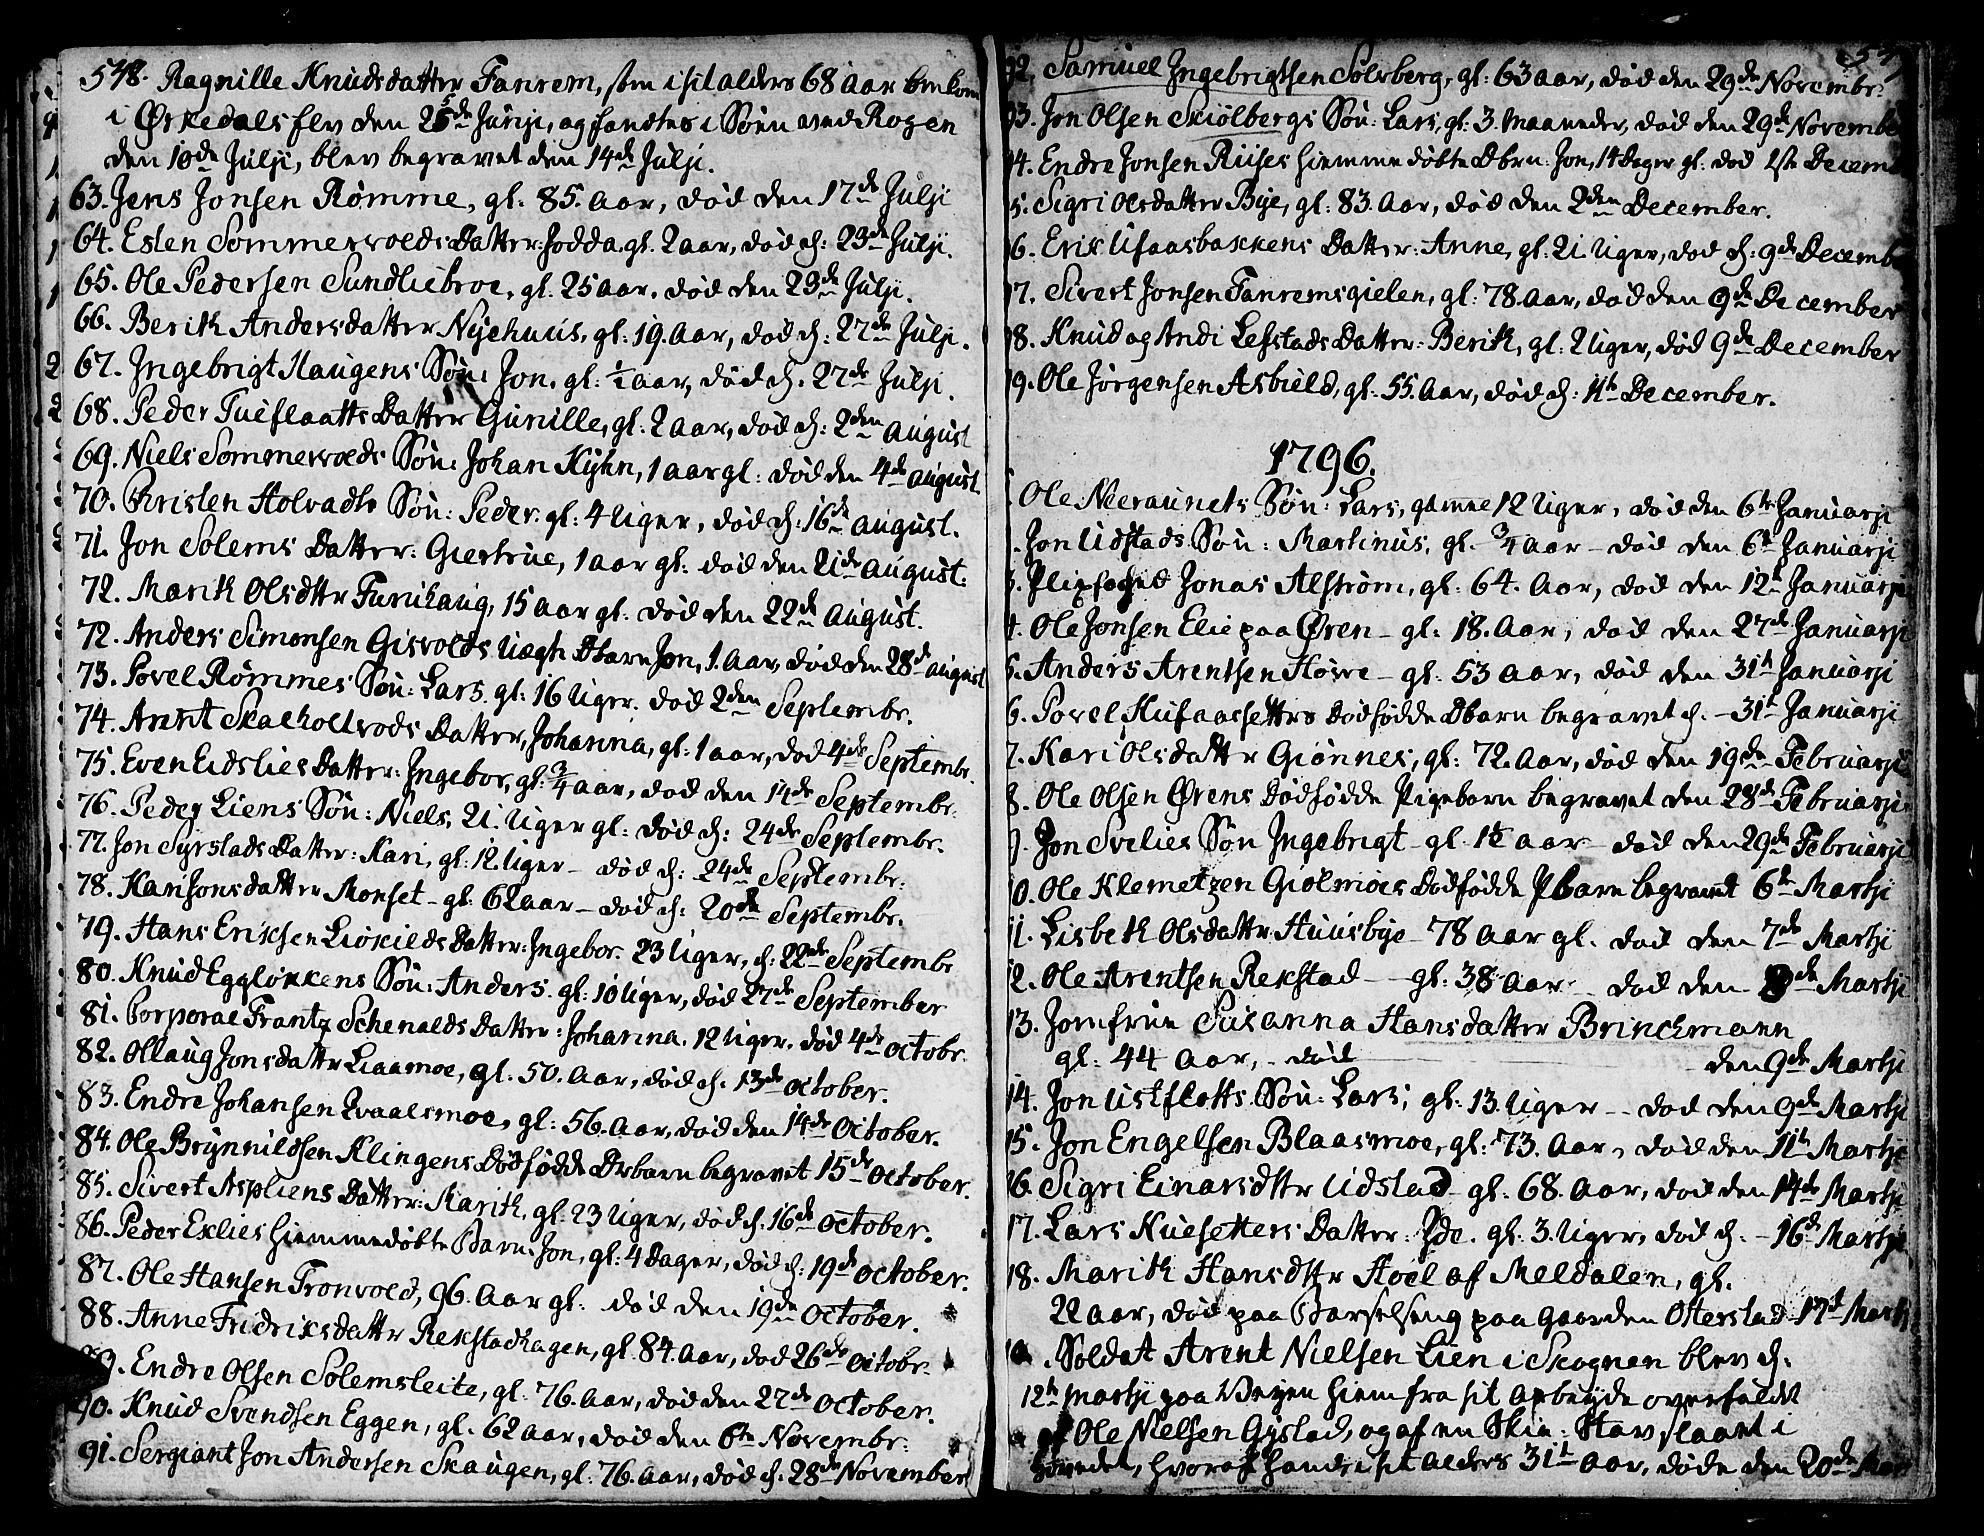 SAT, Ministerialprotokoller, klokkerbøker og fødselsregistre - Sør-Trøndelag, 668/L0802: Ministerialbok nr. 668A02, 1776-1799, s. 548-549